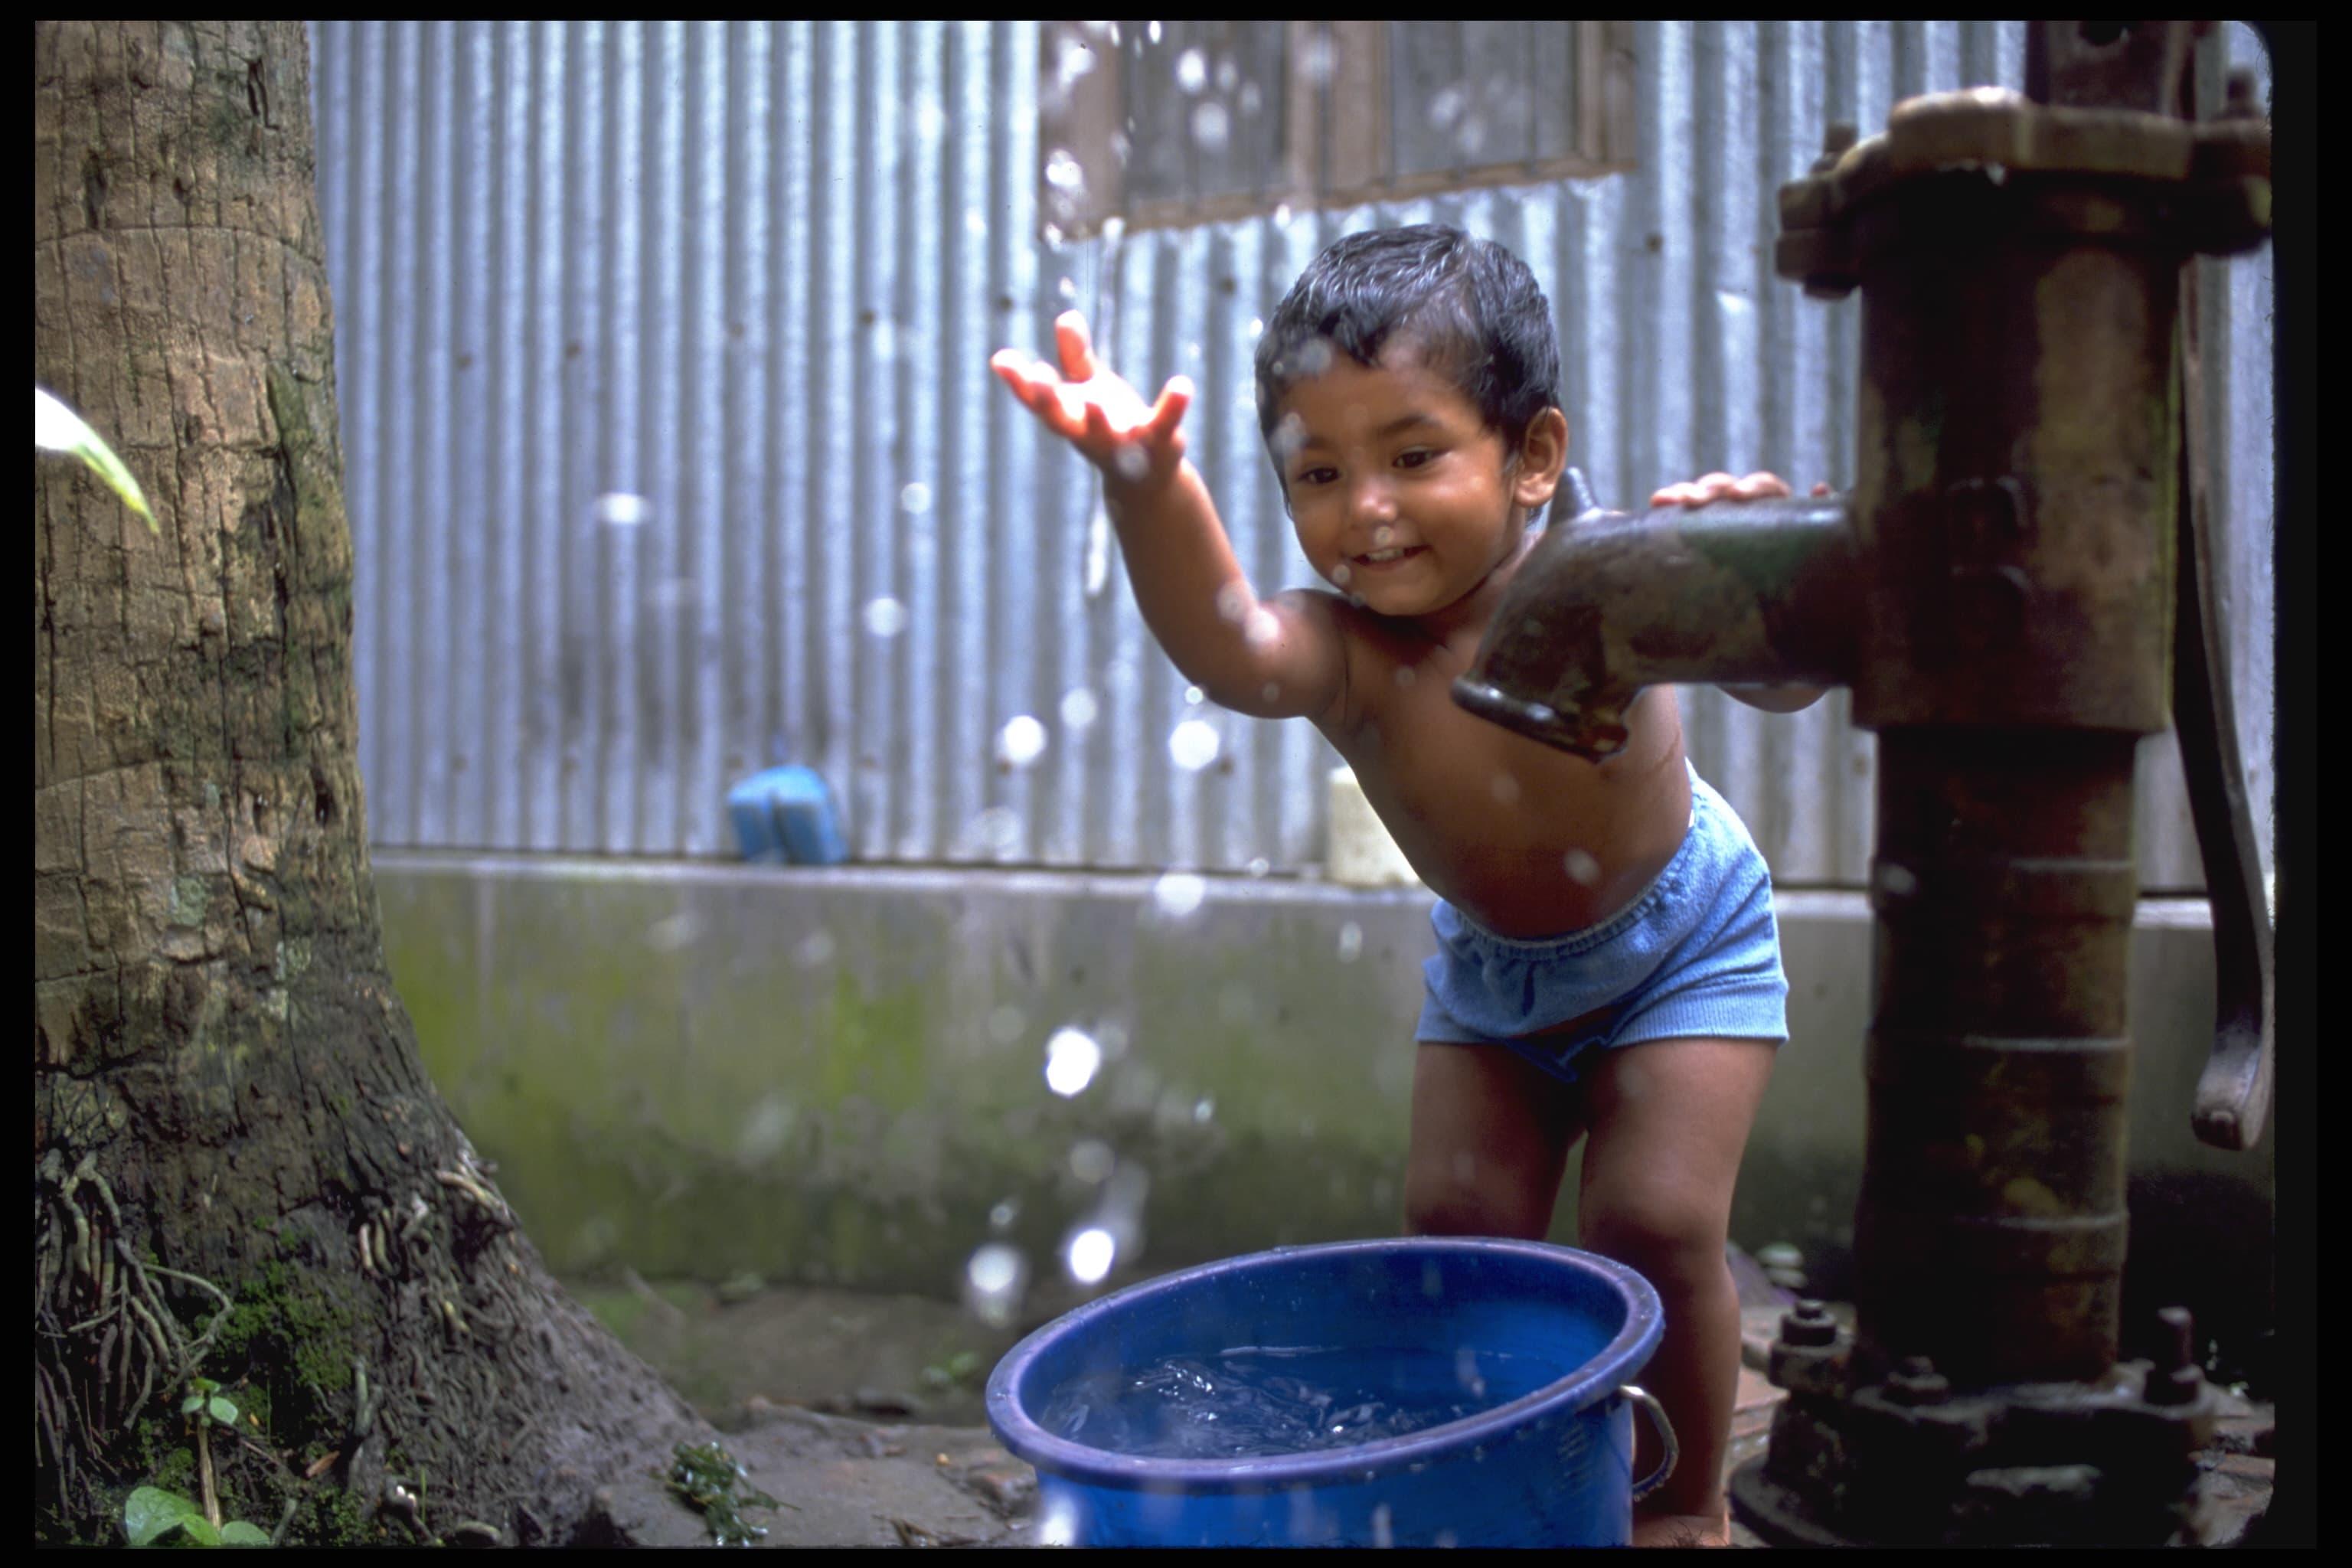 Vann gir barn en bedre fremtid. © UNICEF/Noorani